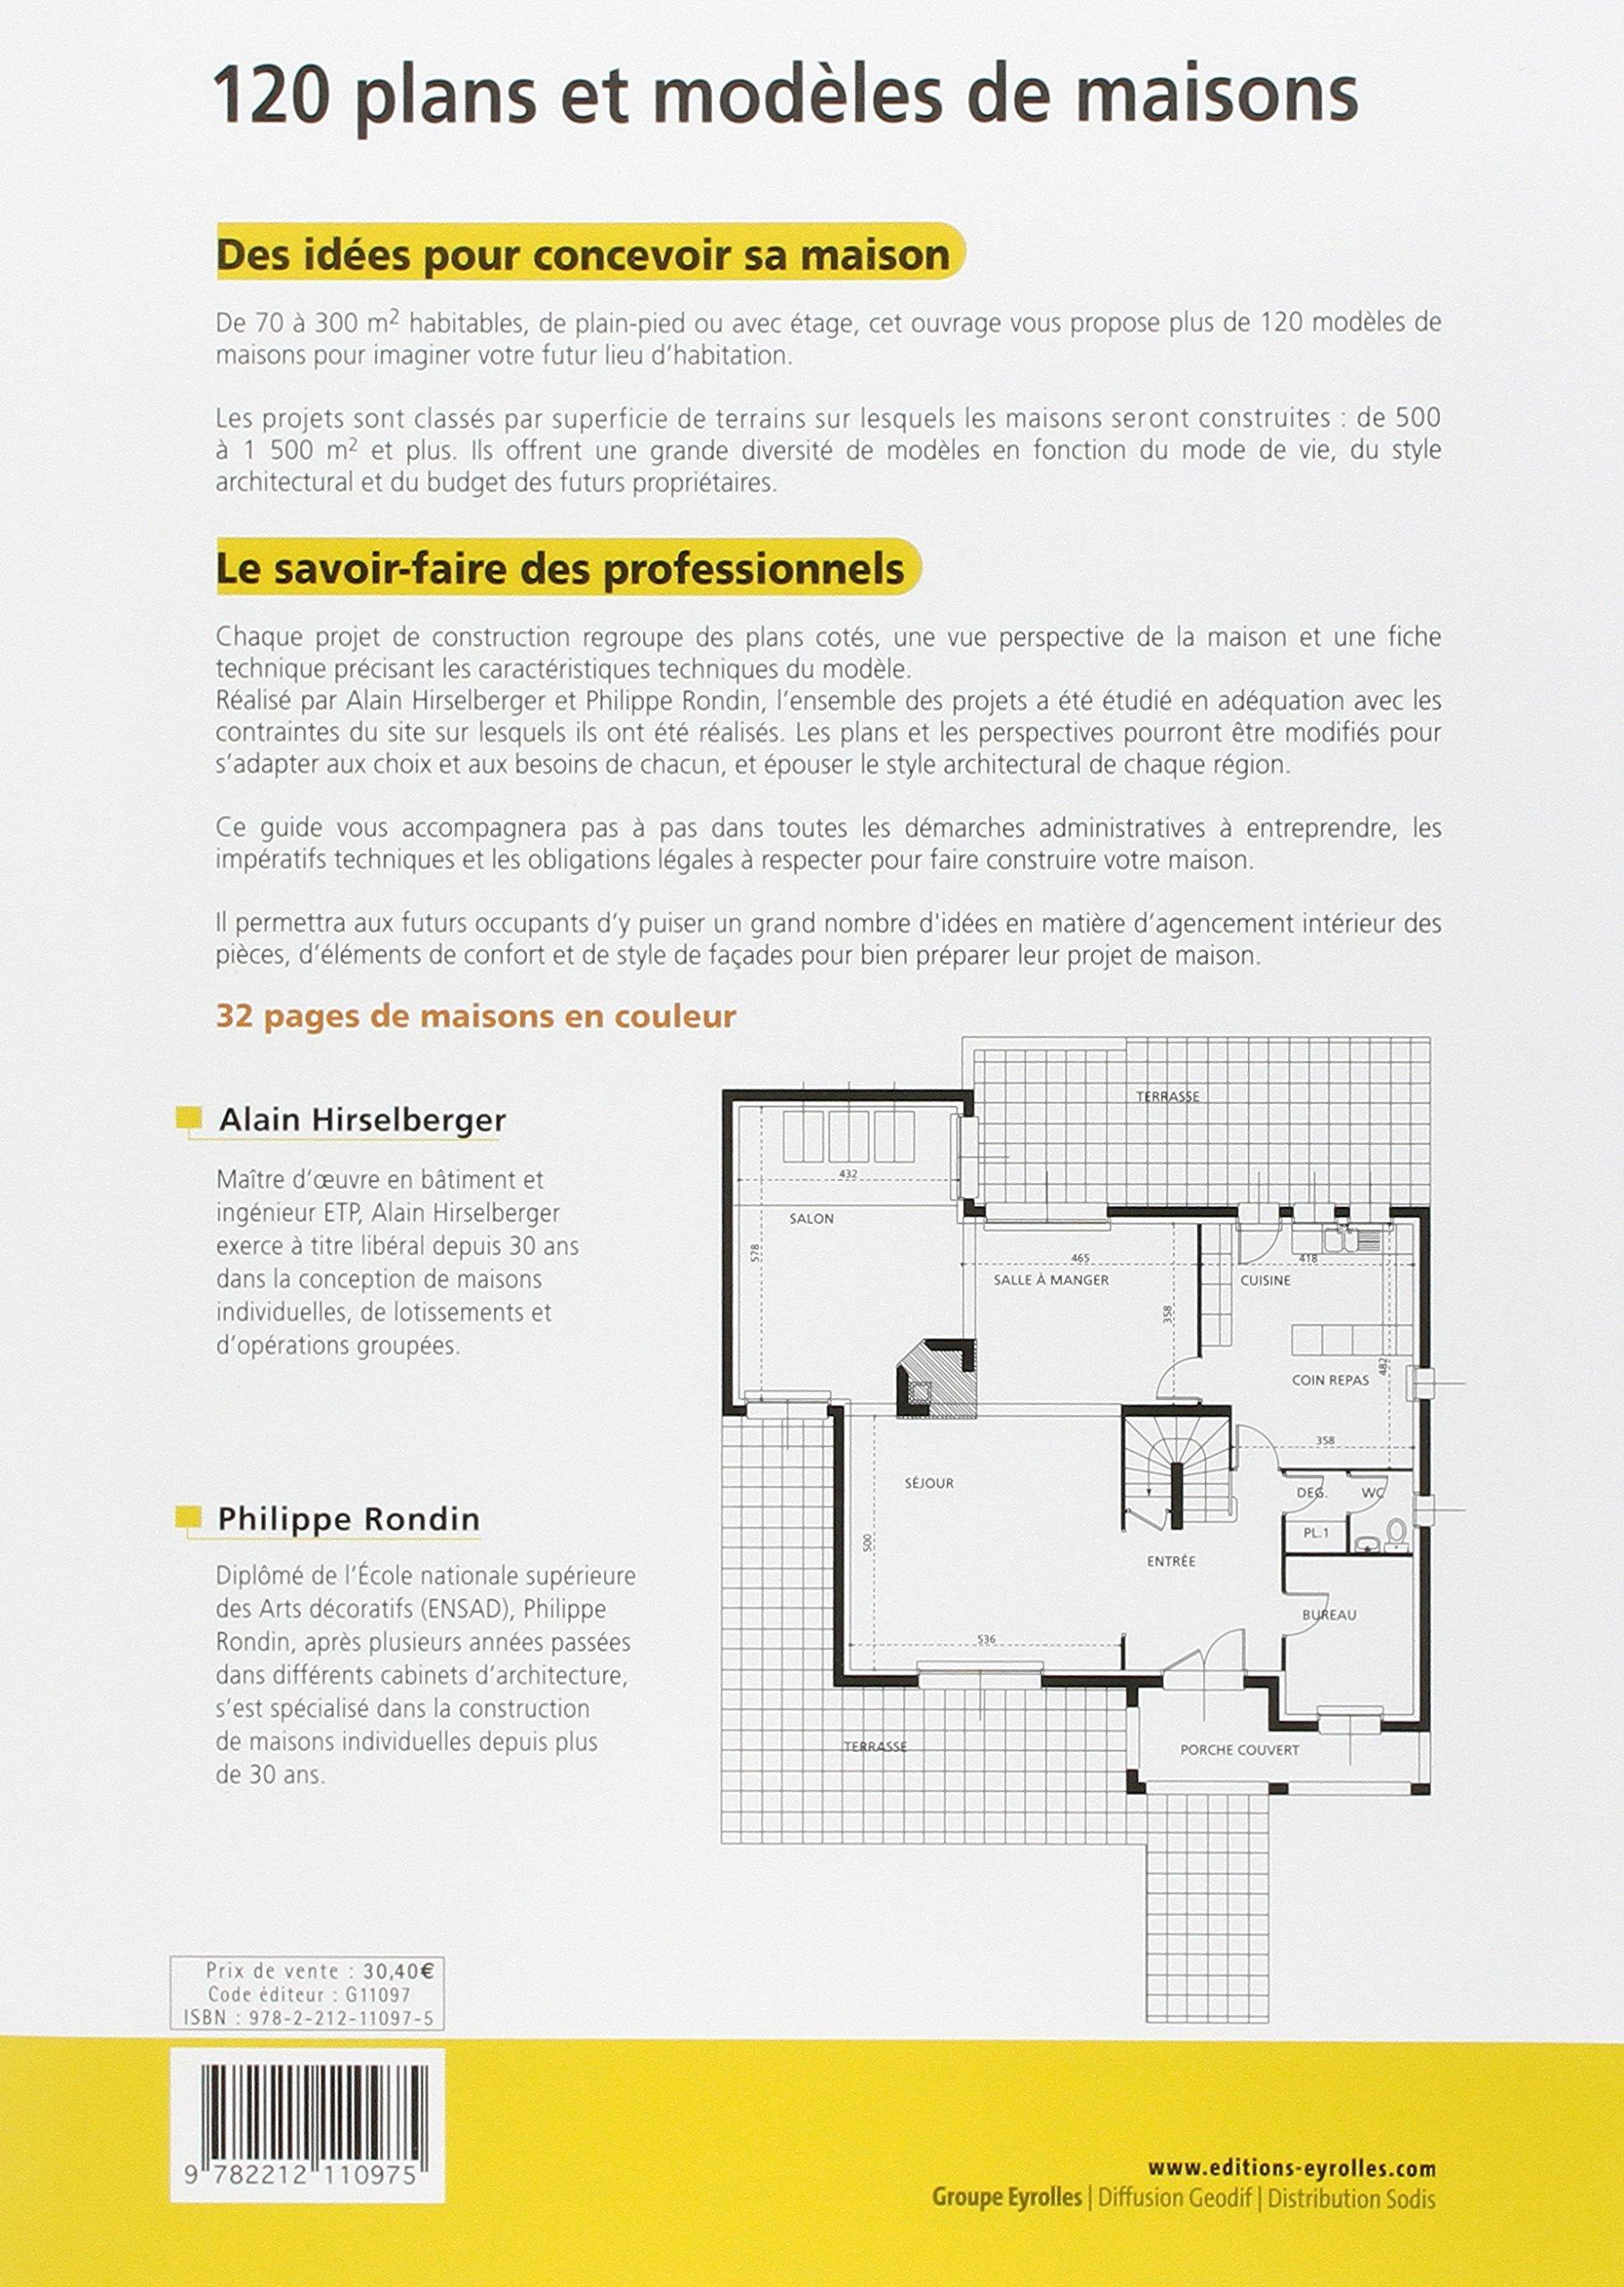 Logiciel pour concevoir sa maison articles les plus for Conception de plan de maison gratuit